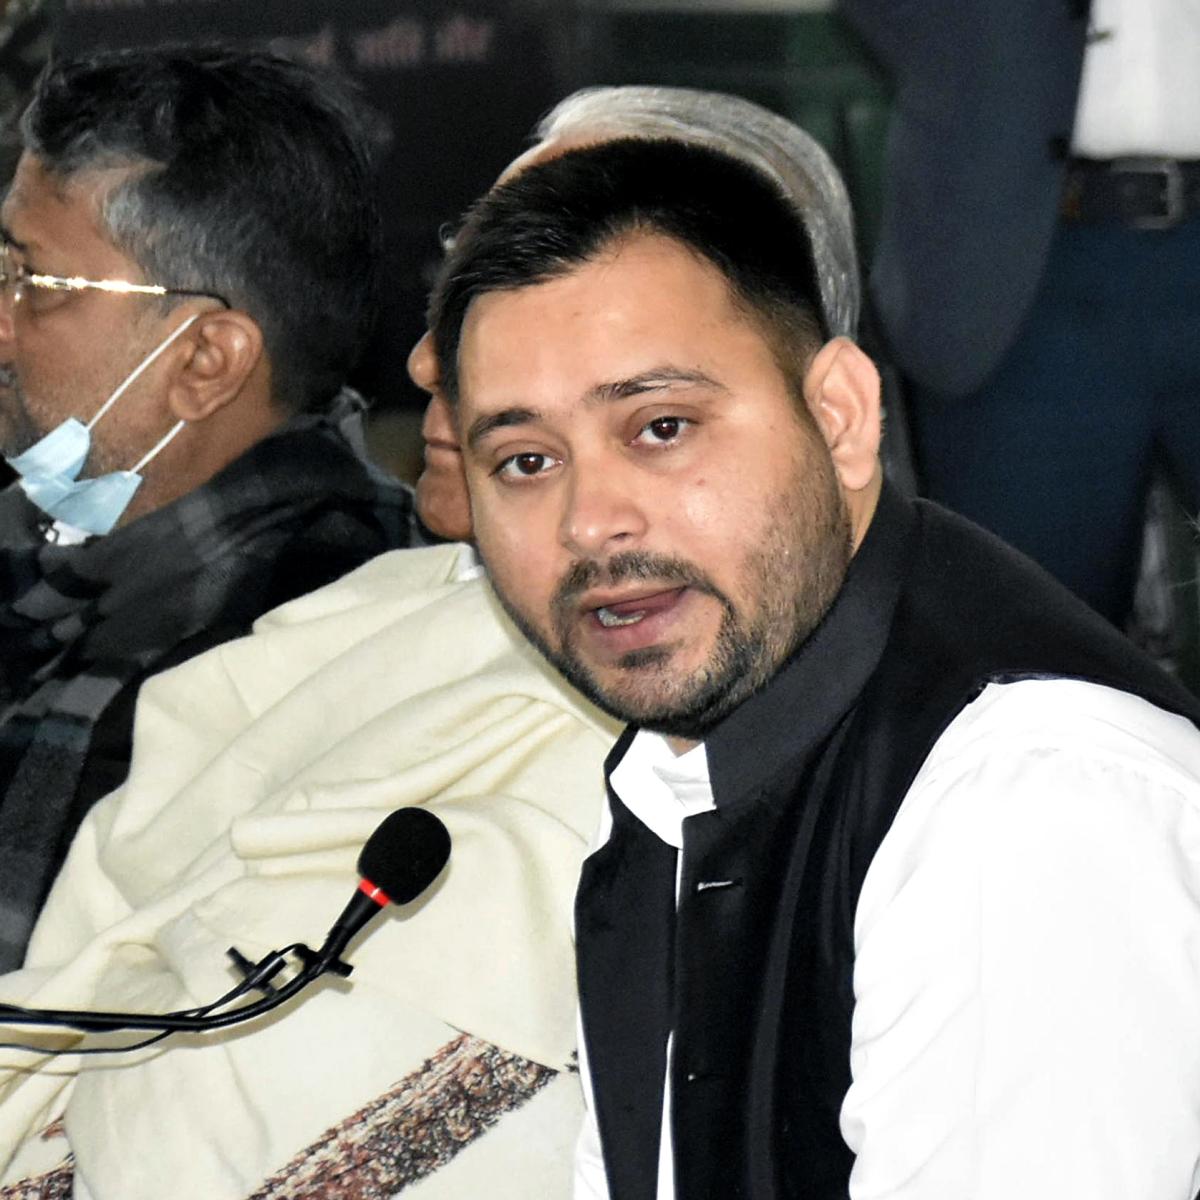 'Arrest me if you can': Tejashwi Yadav dares Nitish Kumar govt after FIR over demonstration in prohibited area